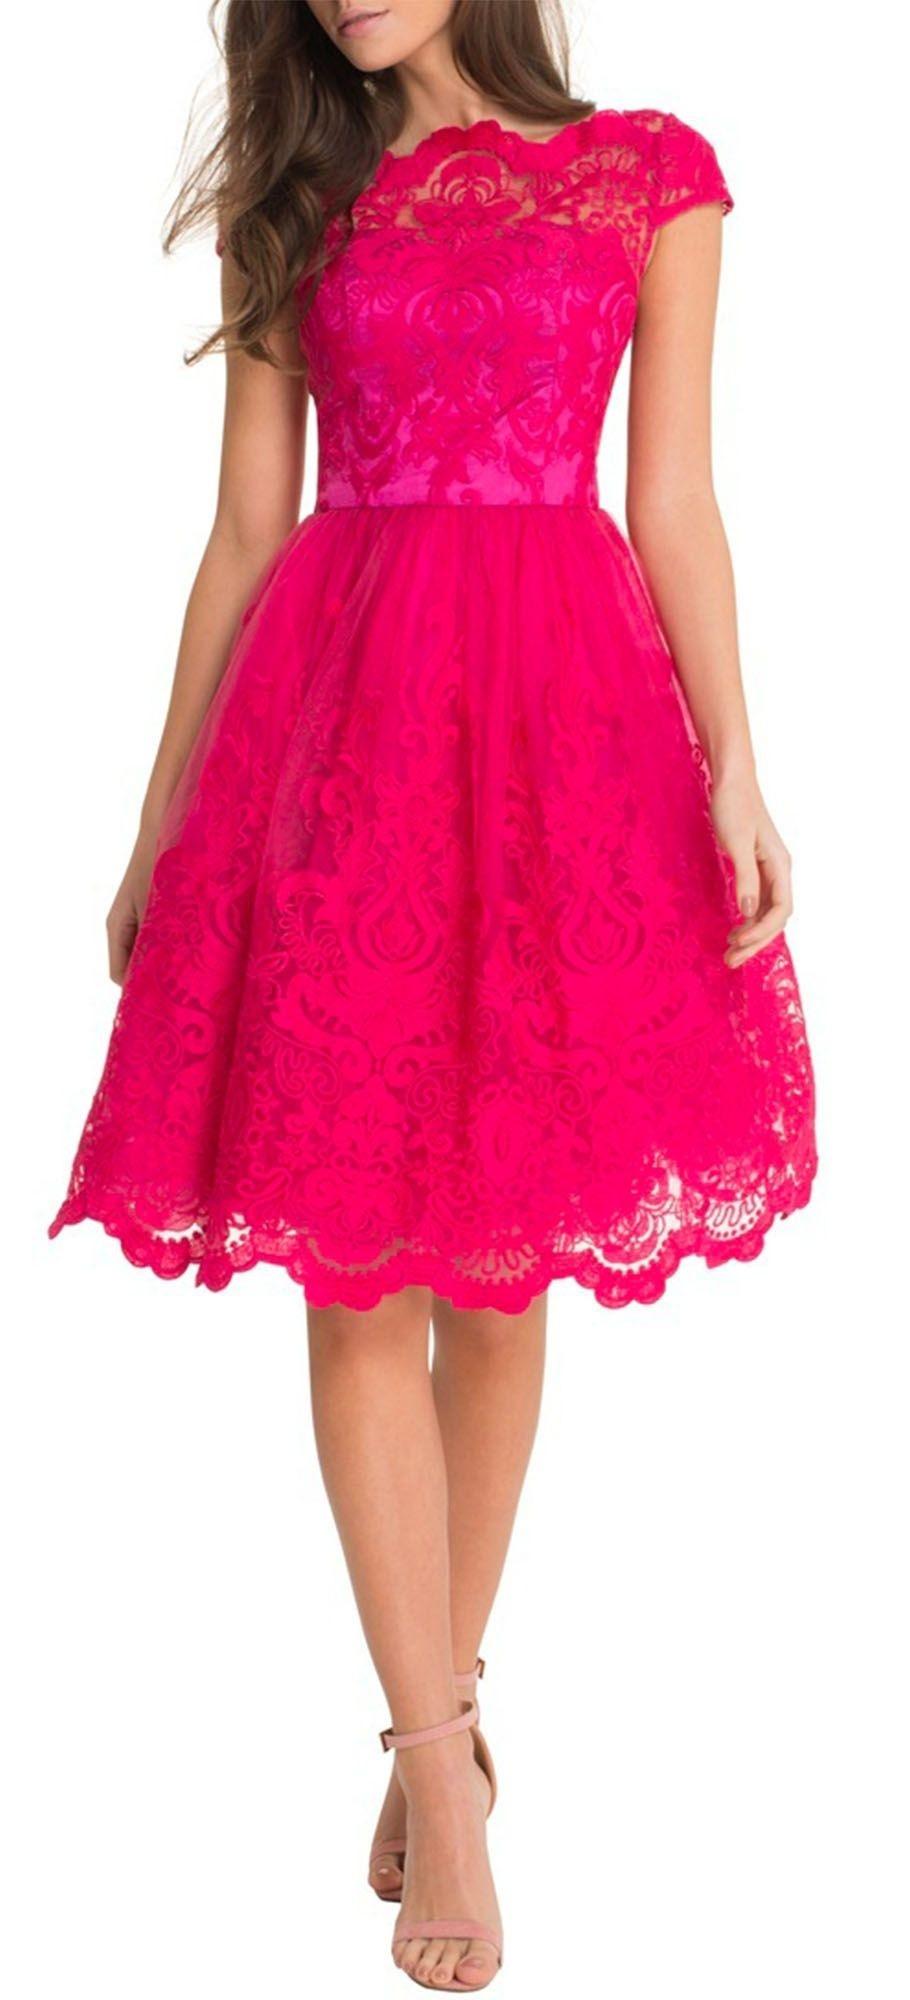 Formal Schön Pinkes Abendkleid Vertrieb13 Schön Pinkes Abendkleid Boutique